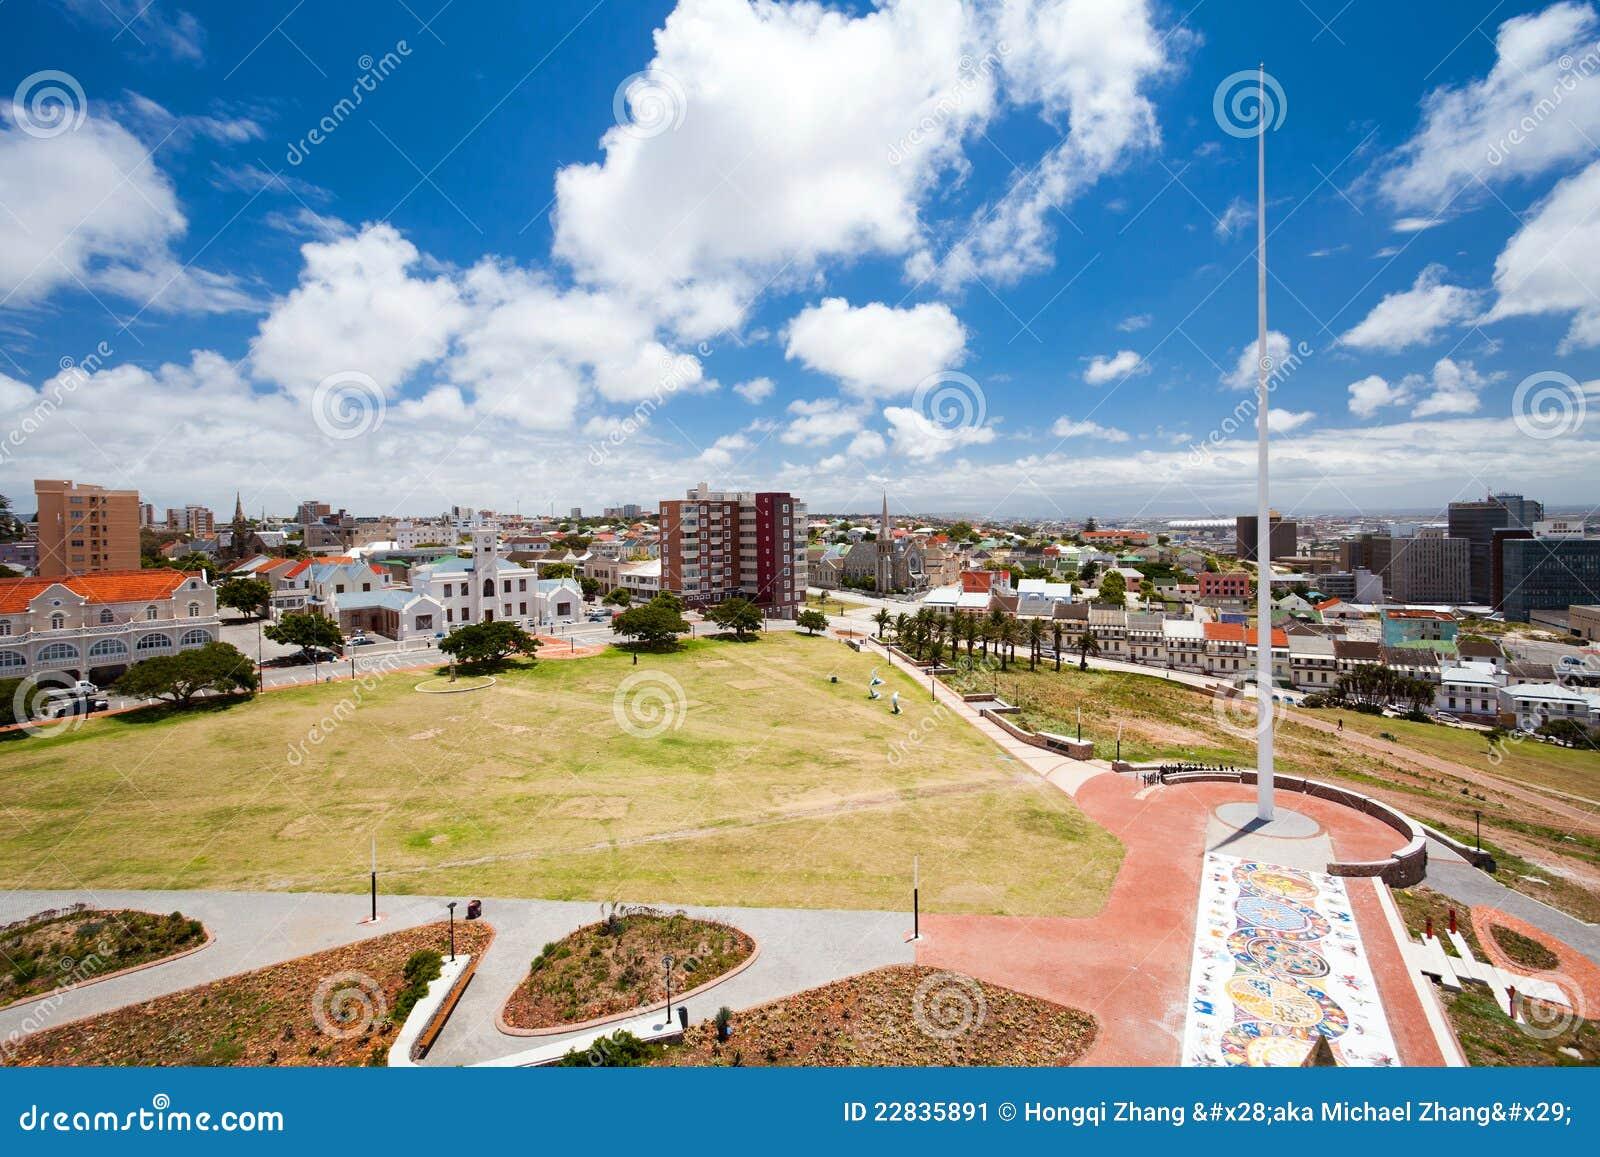 Arquitectura da cidade de Port Elizabeth